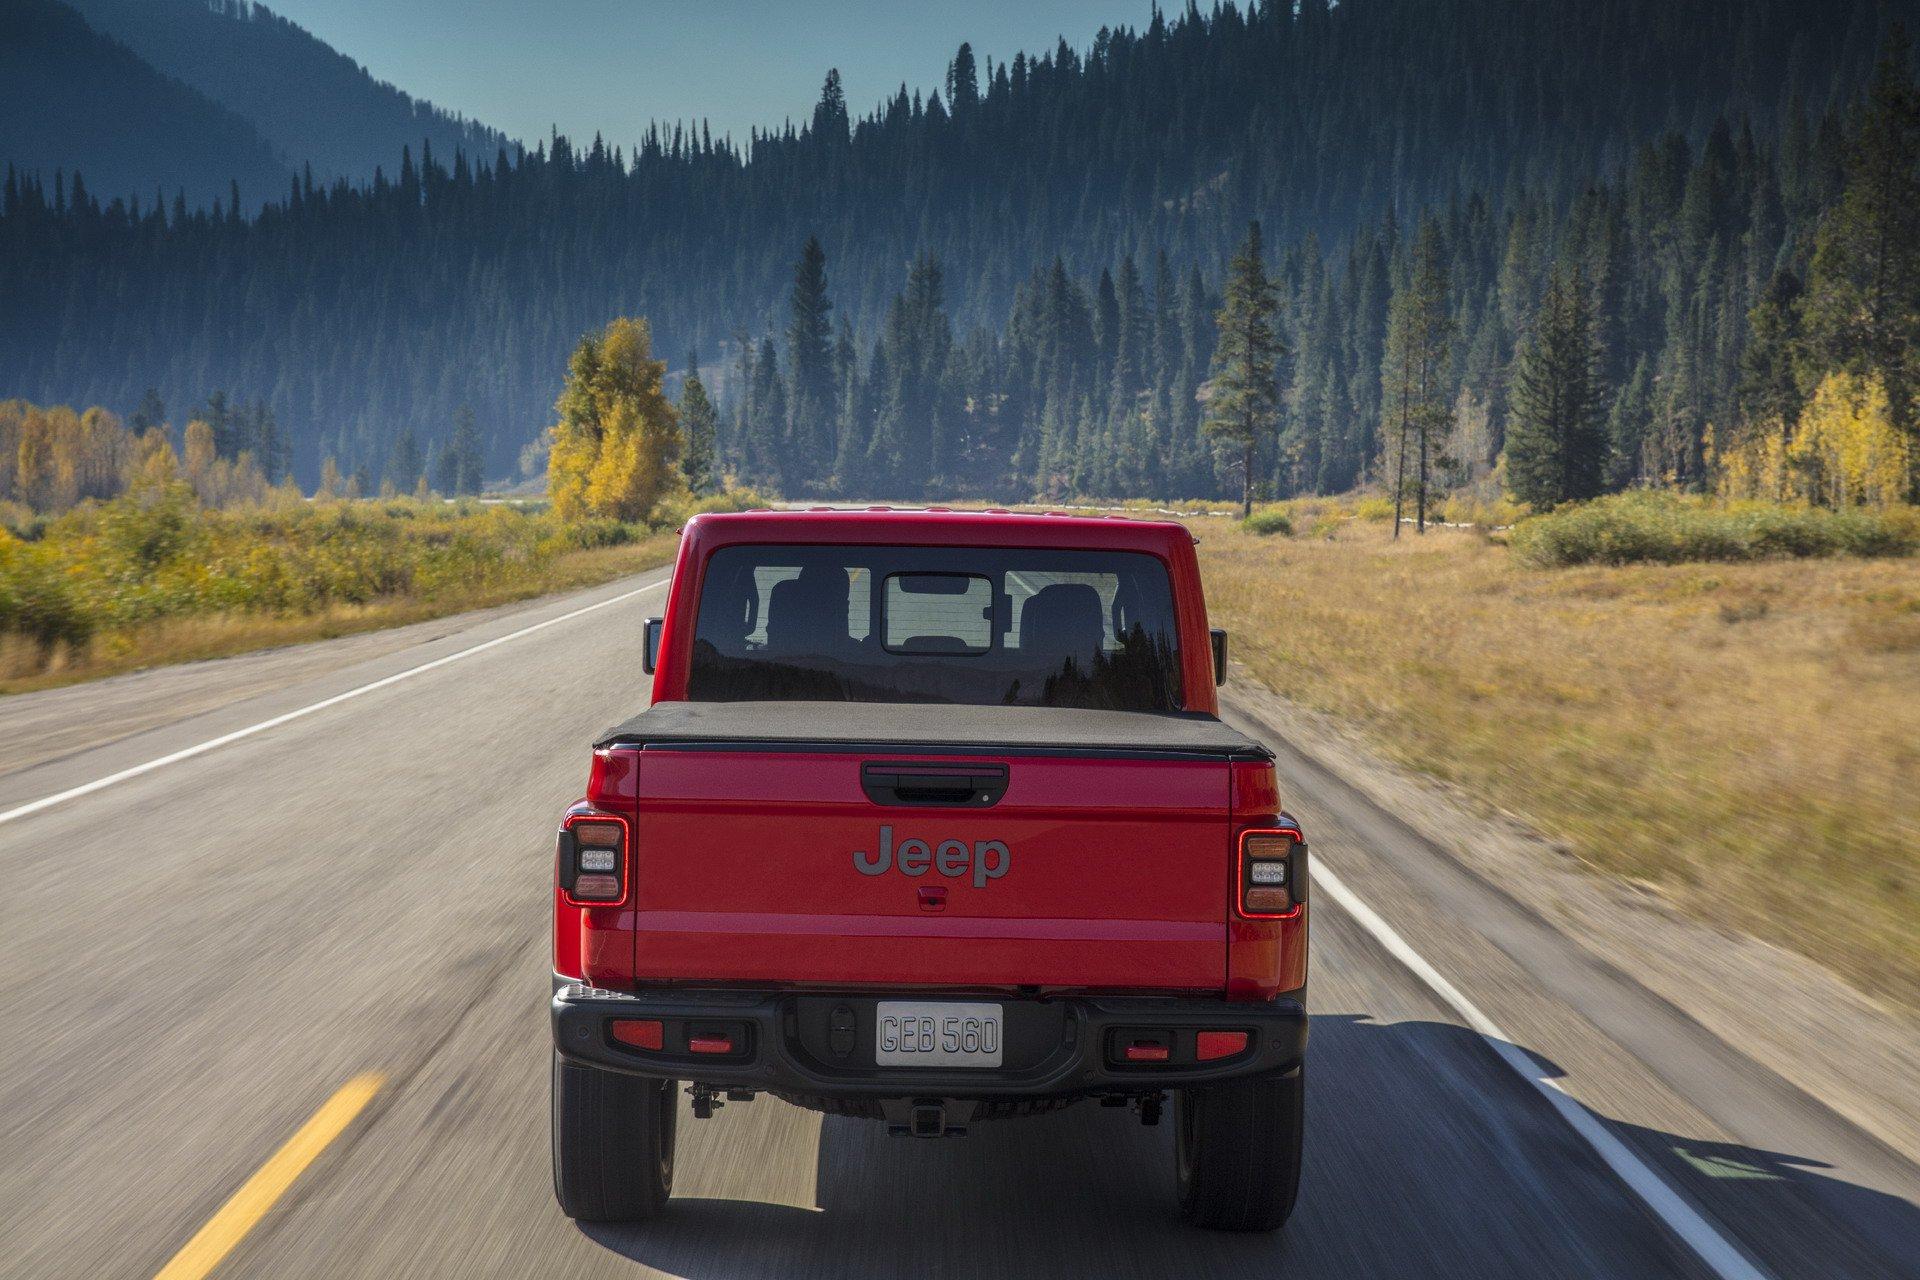 Jeep Gladiator 2019 (116)